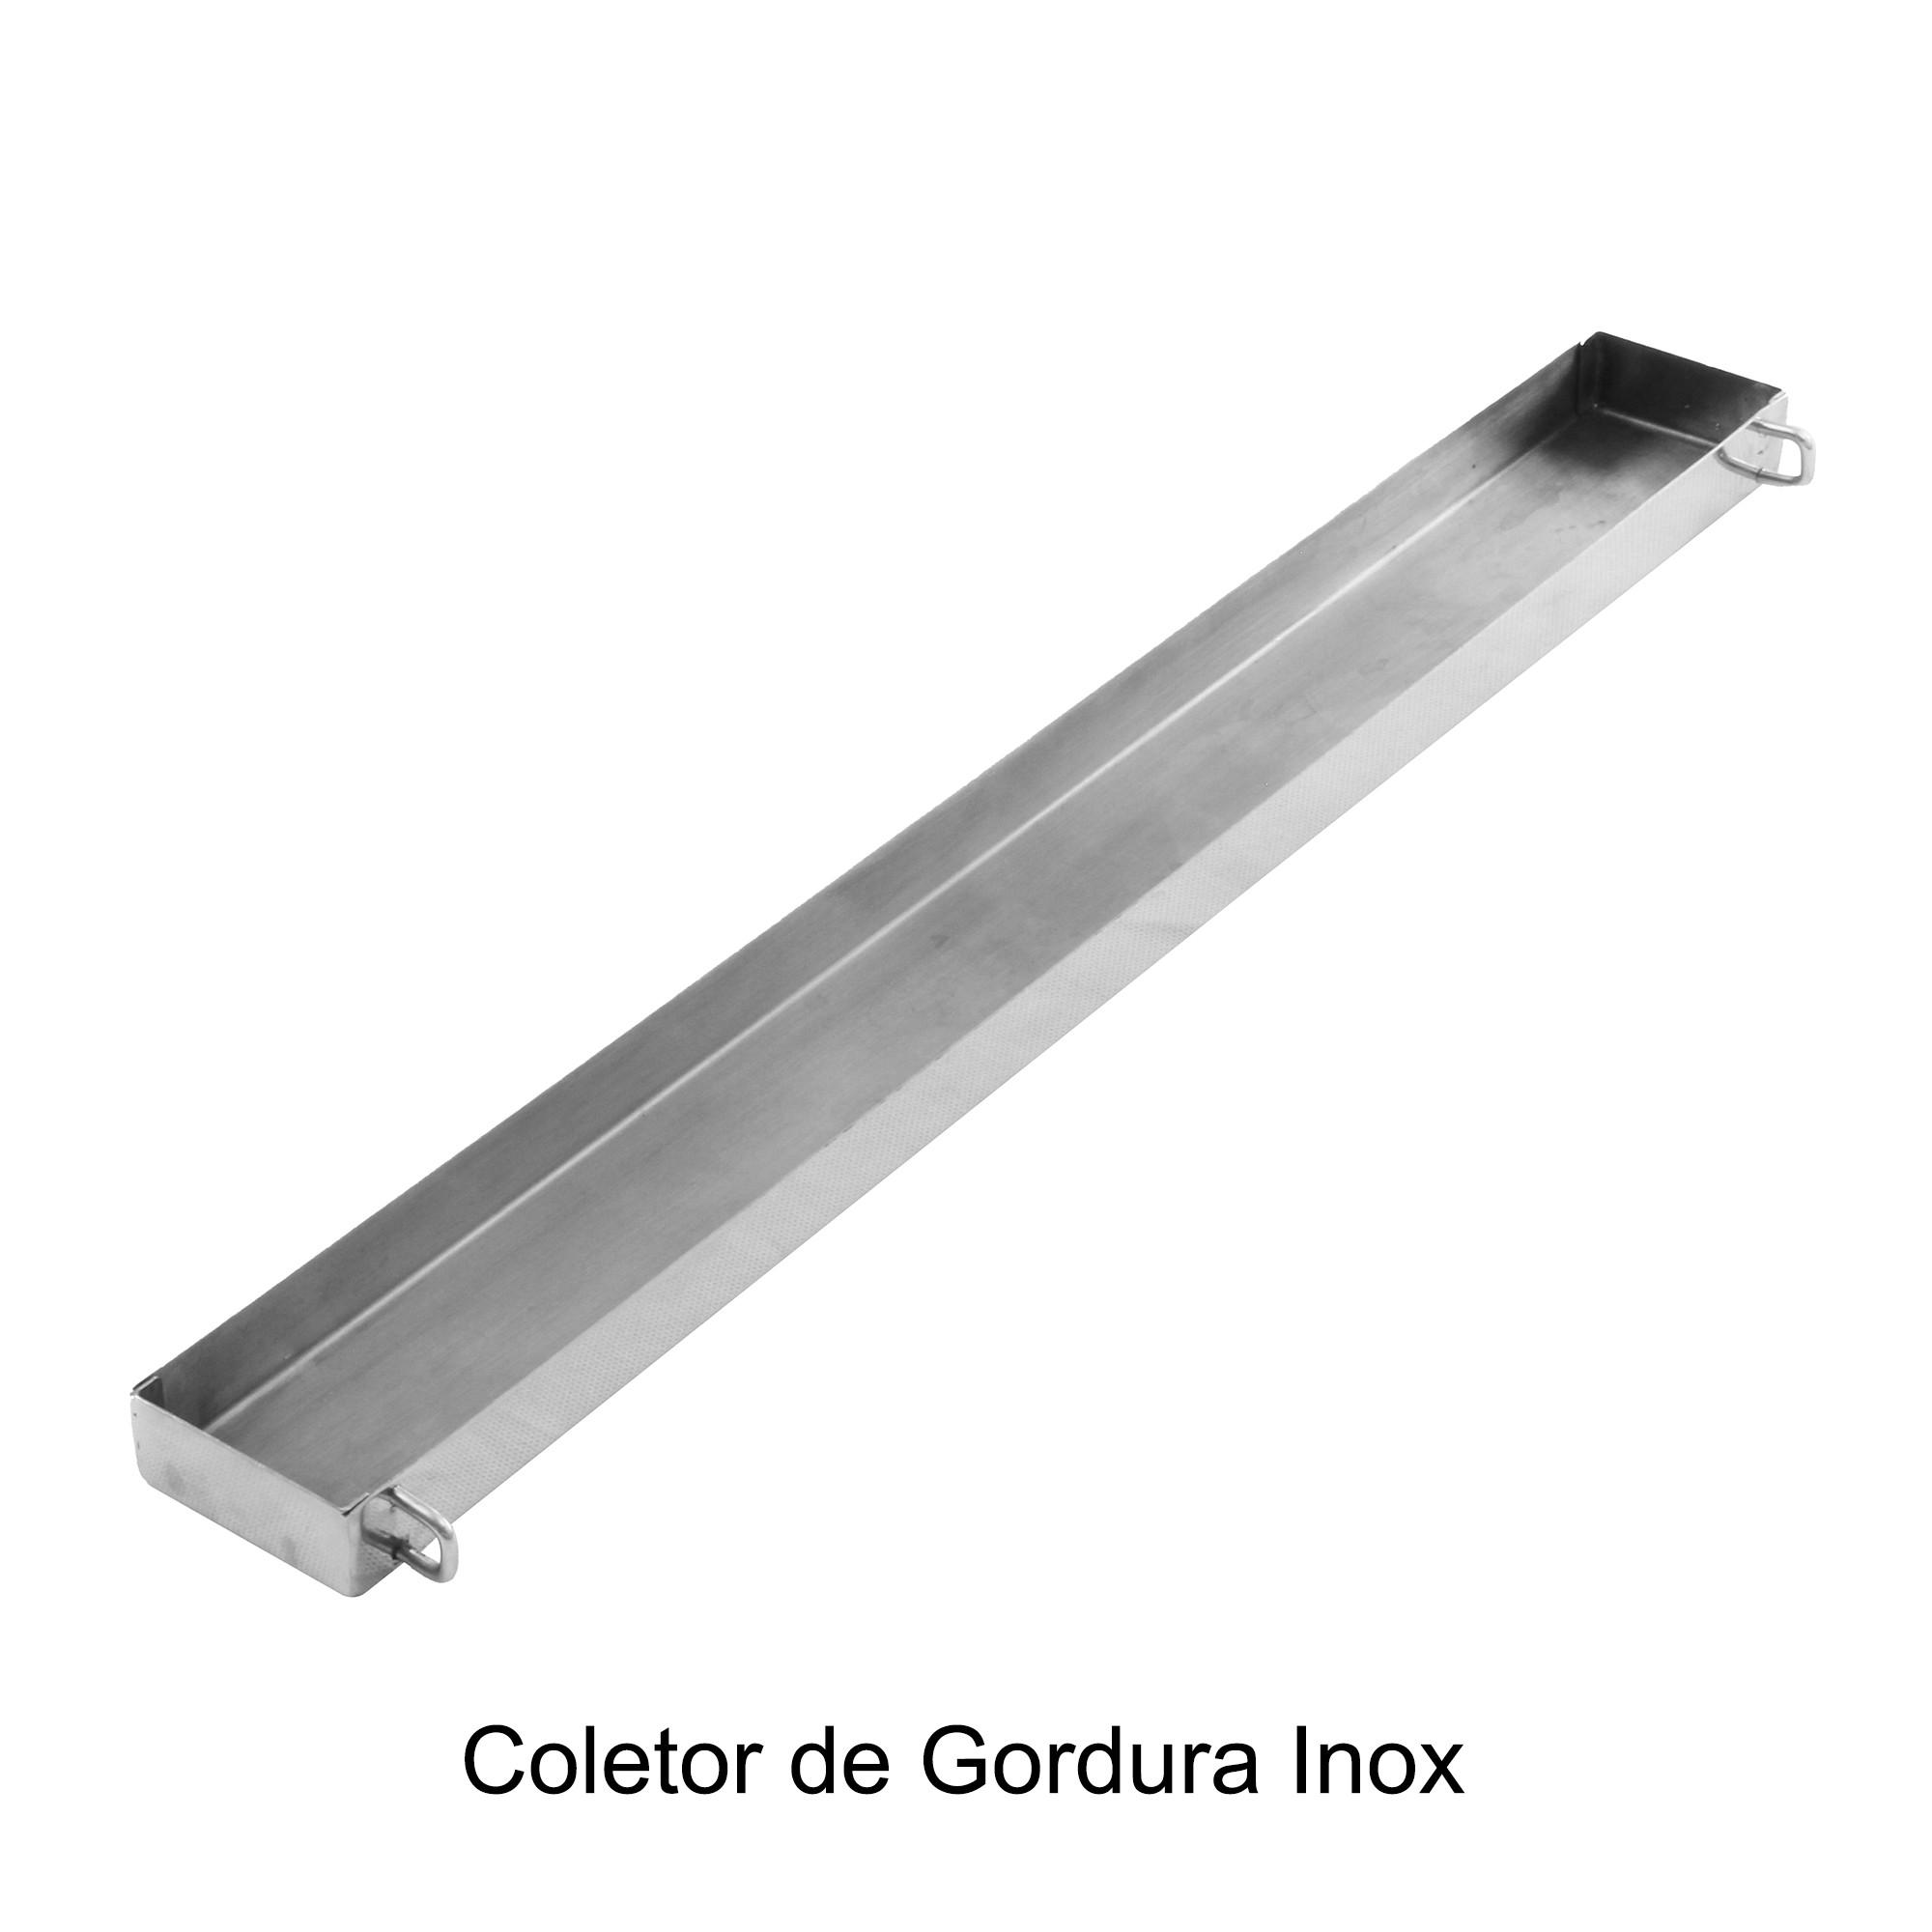 Grillex Kit Parrilla 5 Inox